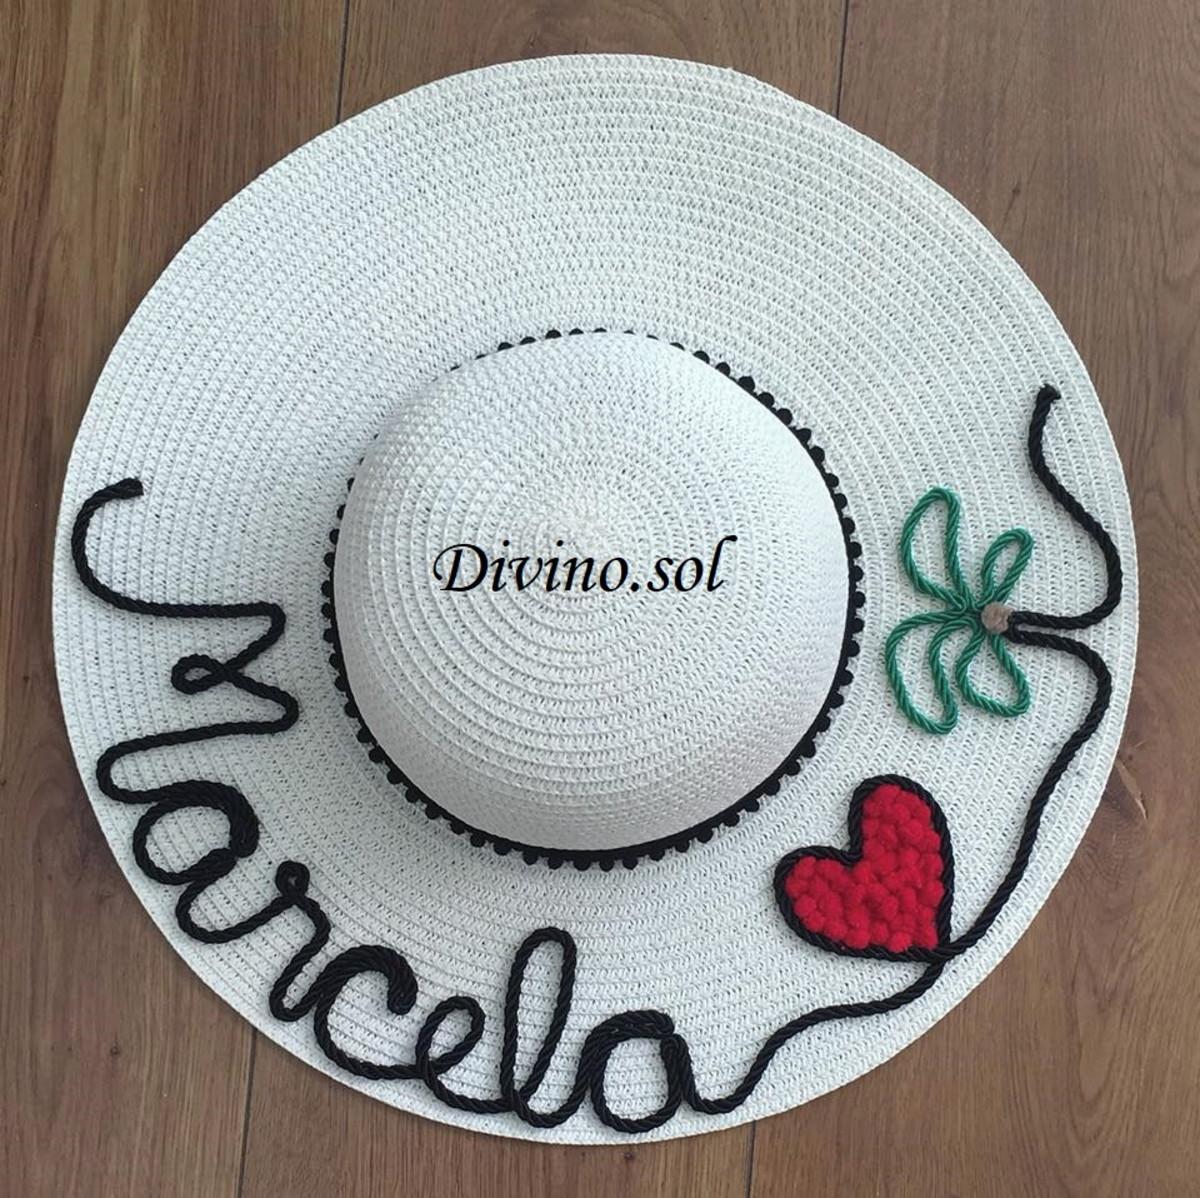 chapéu de praia personalizado com nome coração e coqueiro no Elo7 ... 63970e3e66b